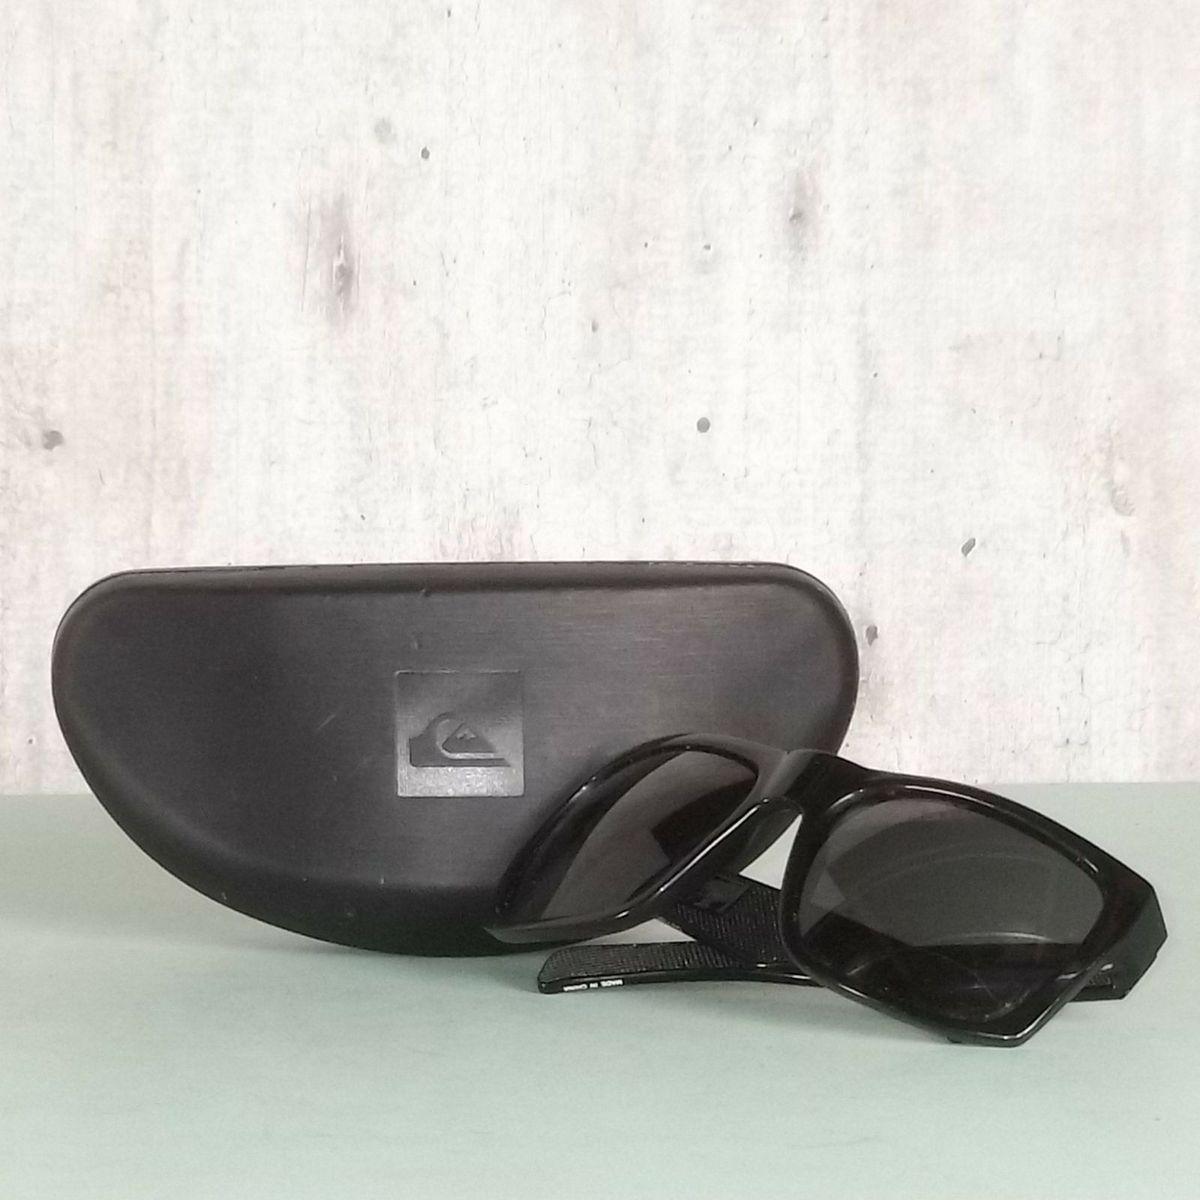 eaaf29d5ff490 óculos quiksilver - óculos quiksilver.  Czm6ly9wag90b3muzw5qb2vplmnvbs5ici9wcm9kdwn0cy83mzk0mtqxl2ewntnkodhkm2iyoge2zgq1mjnlmtaxyjk1mjhkzdfklmpwzw  ...